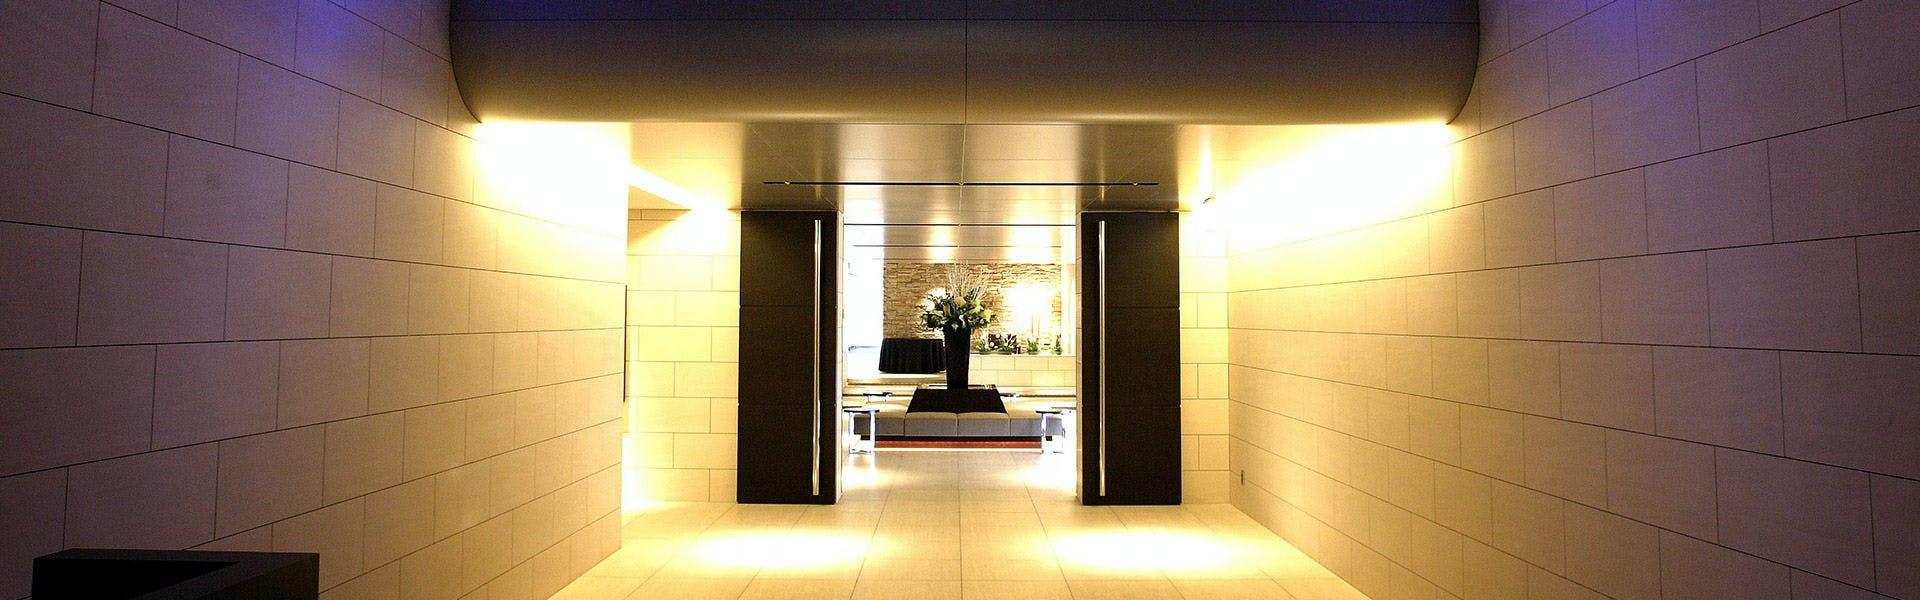 記念日におすすめのホテル・HOTEL MICURAS(ホテル ミクラス)の写真1